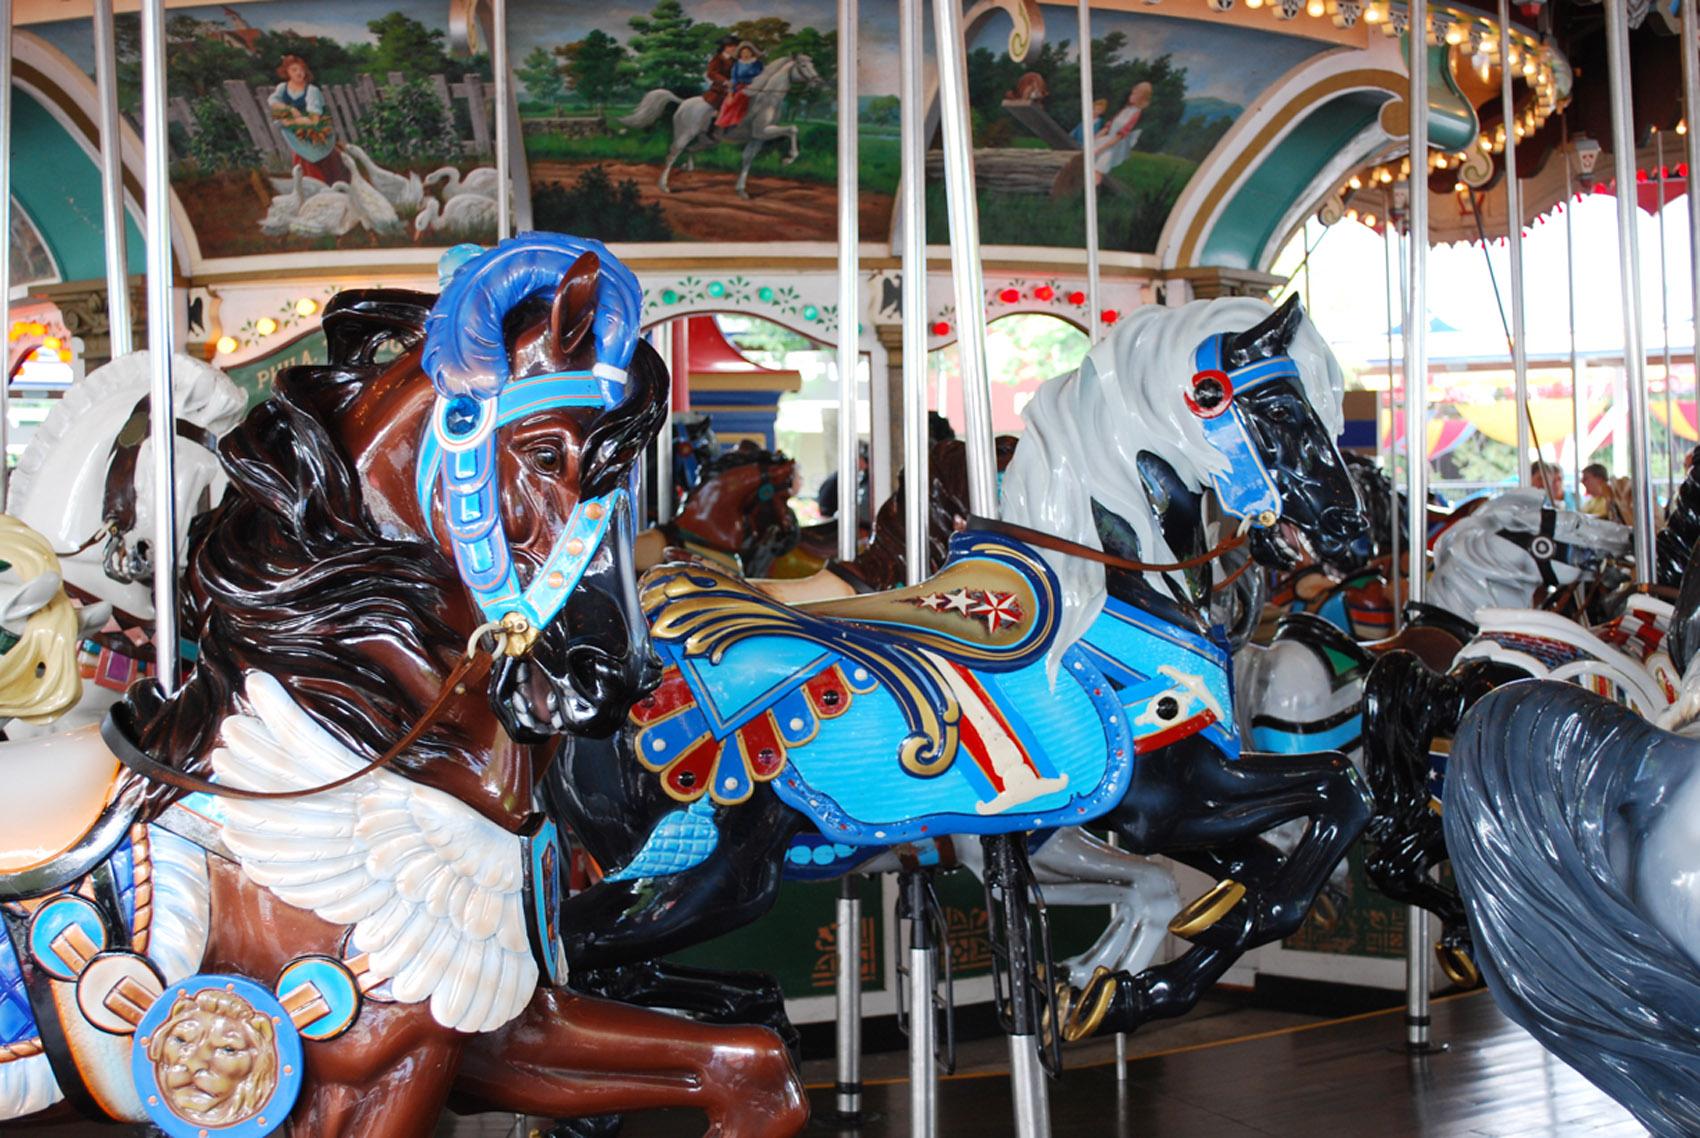 Historic-Hersheypark--carousel-horses-